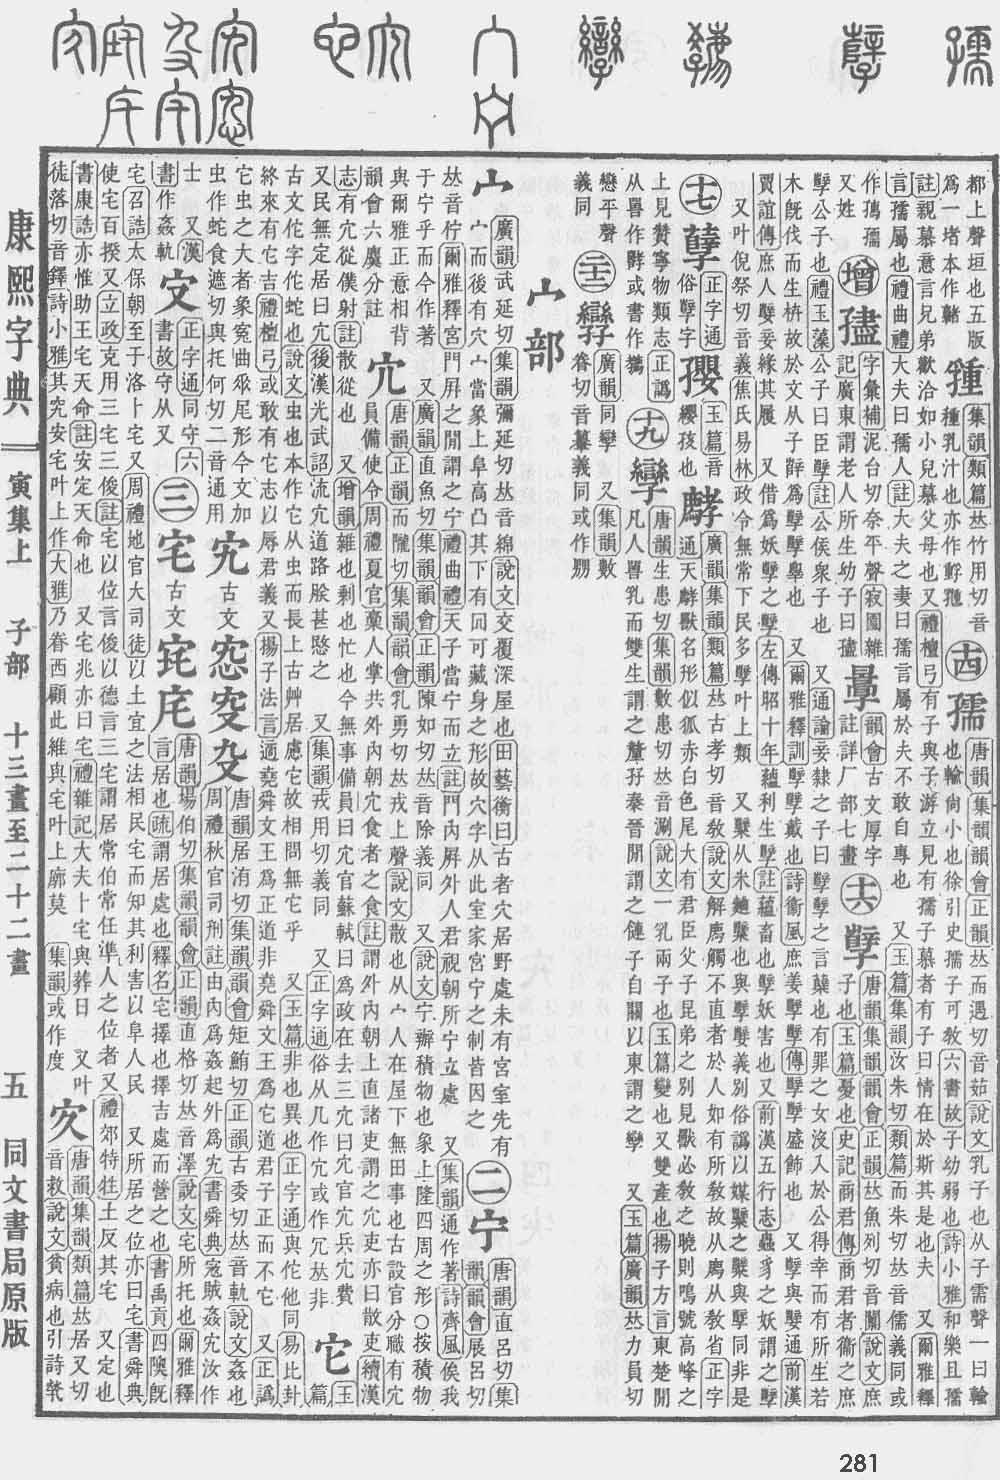 《康熙字典》第281页